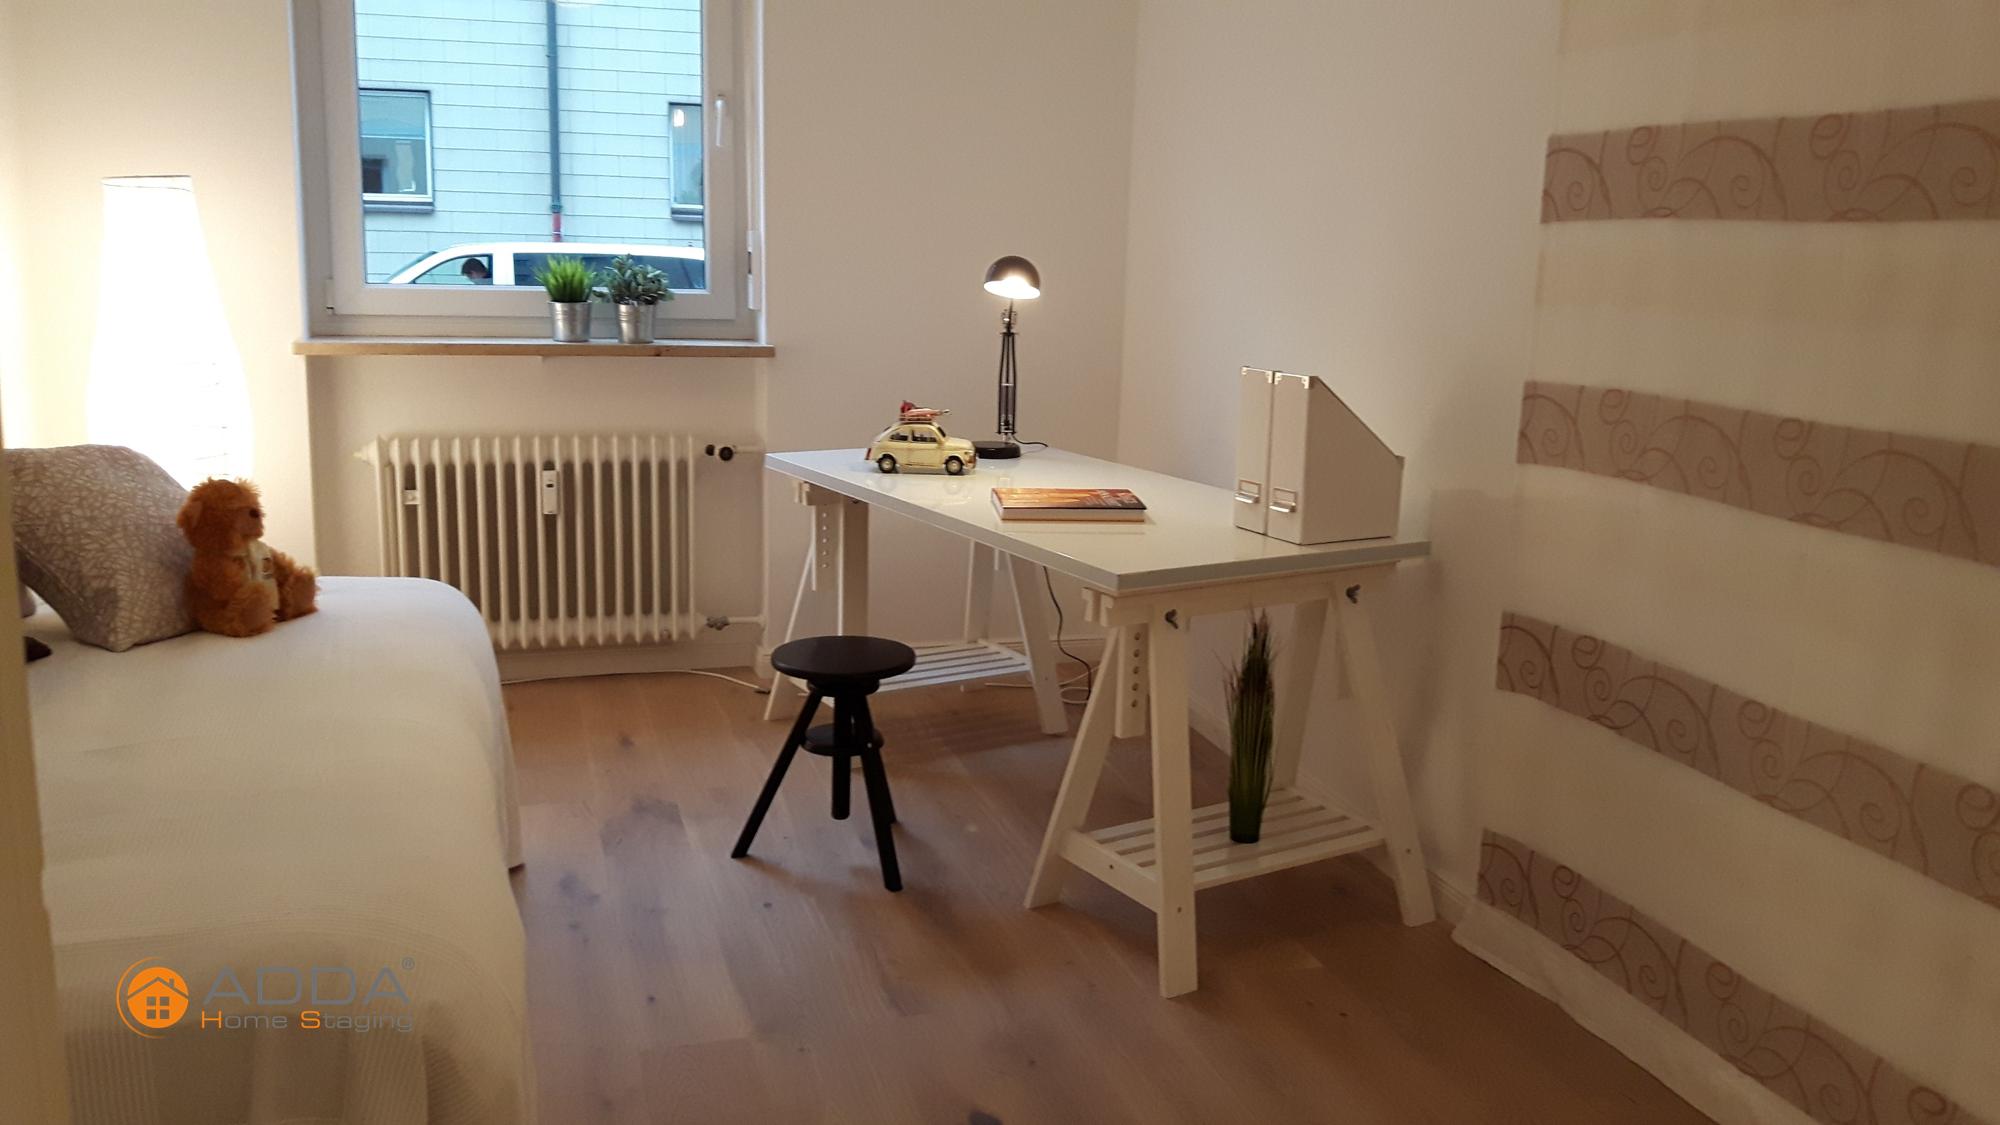 kinderzimmer nach adda homestaging raumgestaltung. Black Bedroom Furniture Sets. Home Design Ideas